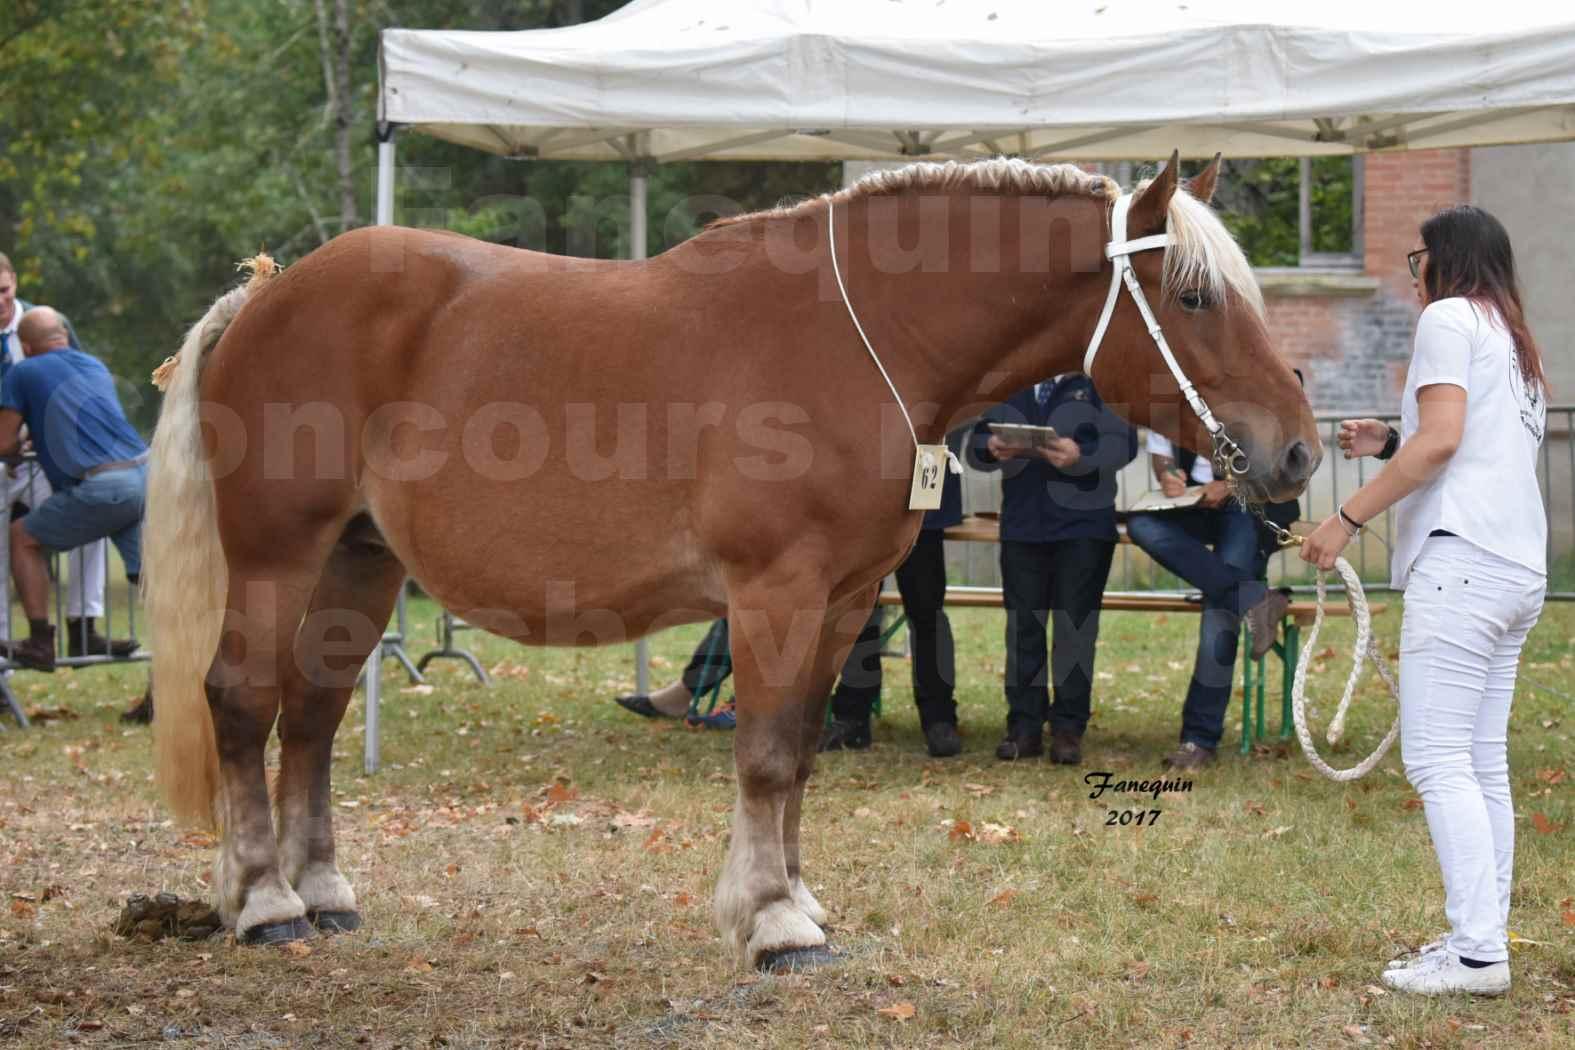 Concours Régional de chevaux de traits en 2017 - Jument & Poulain Trait COMTOIS - DAKOTA DU GARRIC - 01